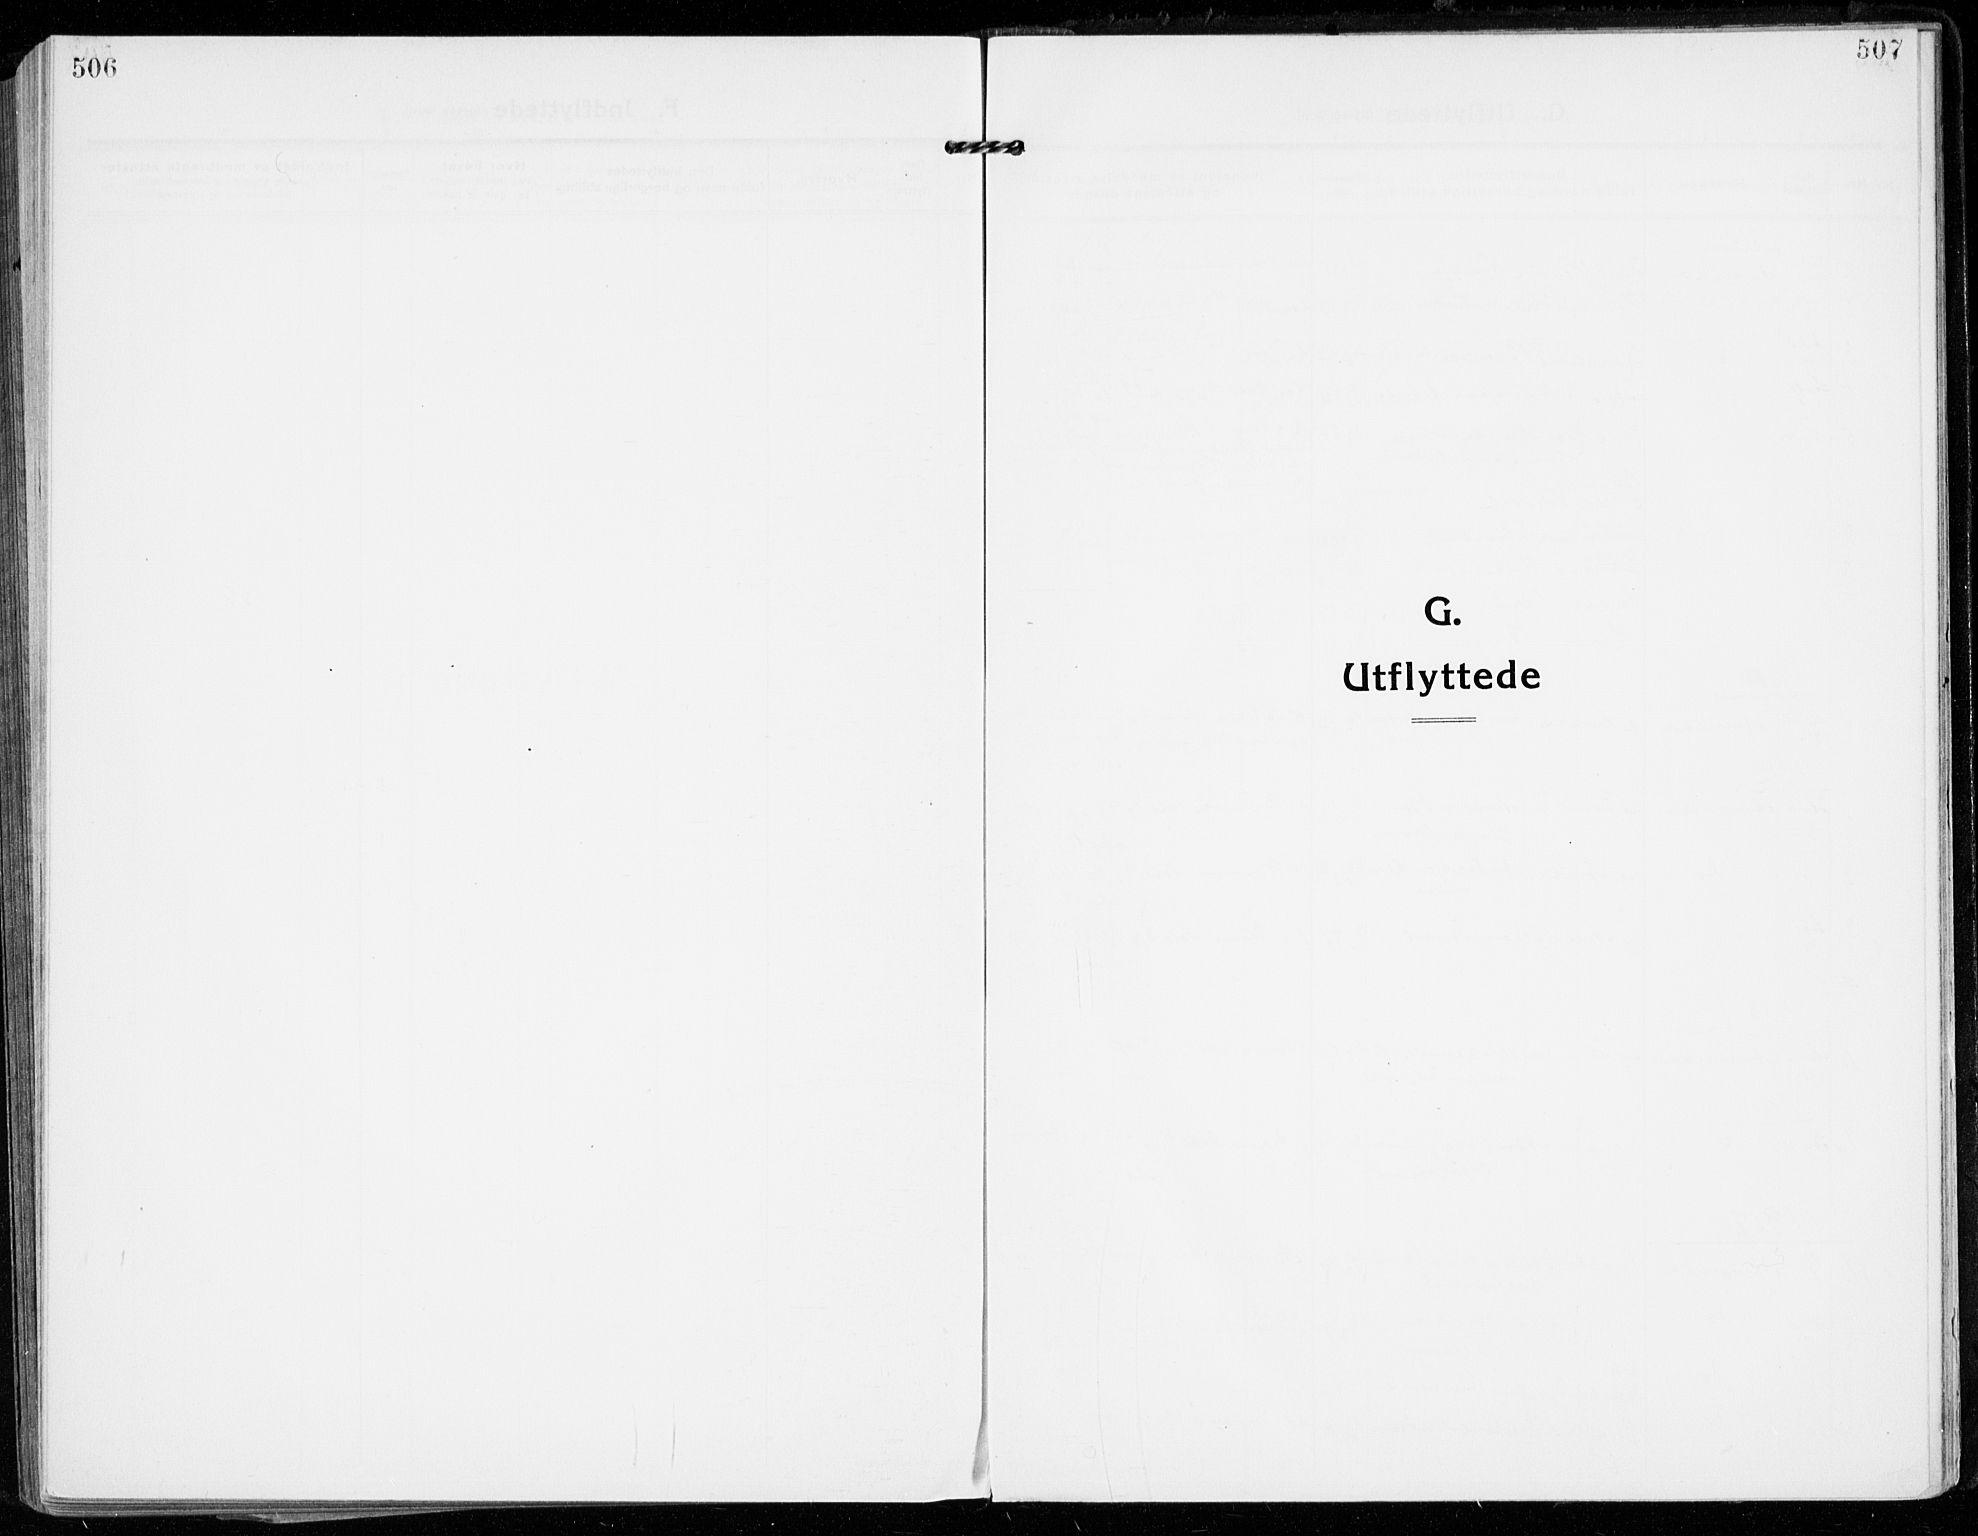 SAKO, Strømsgodset kirkebøker, F/Fa/L0002: Ministerialbok nr. 2, 1910-1920, s. 506-507